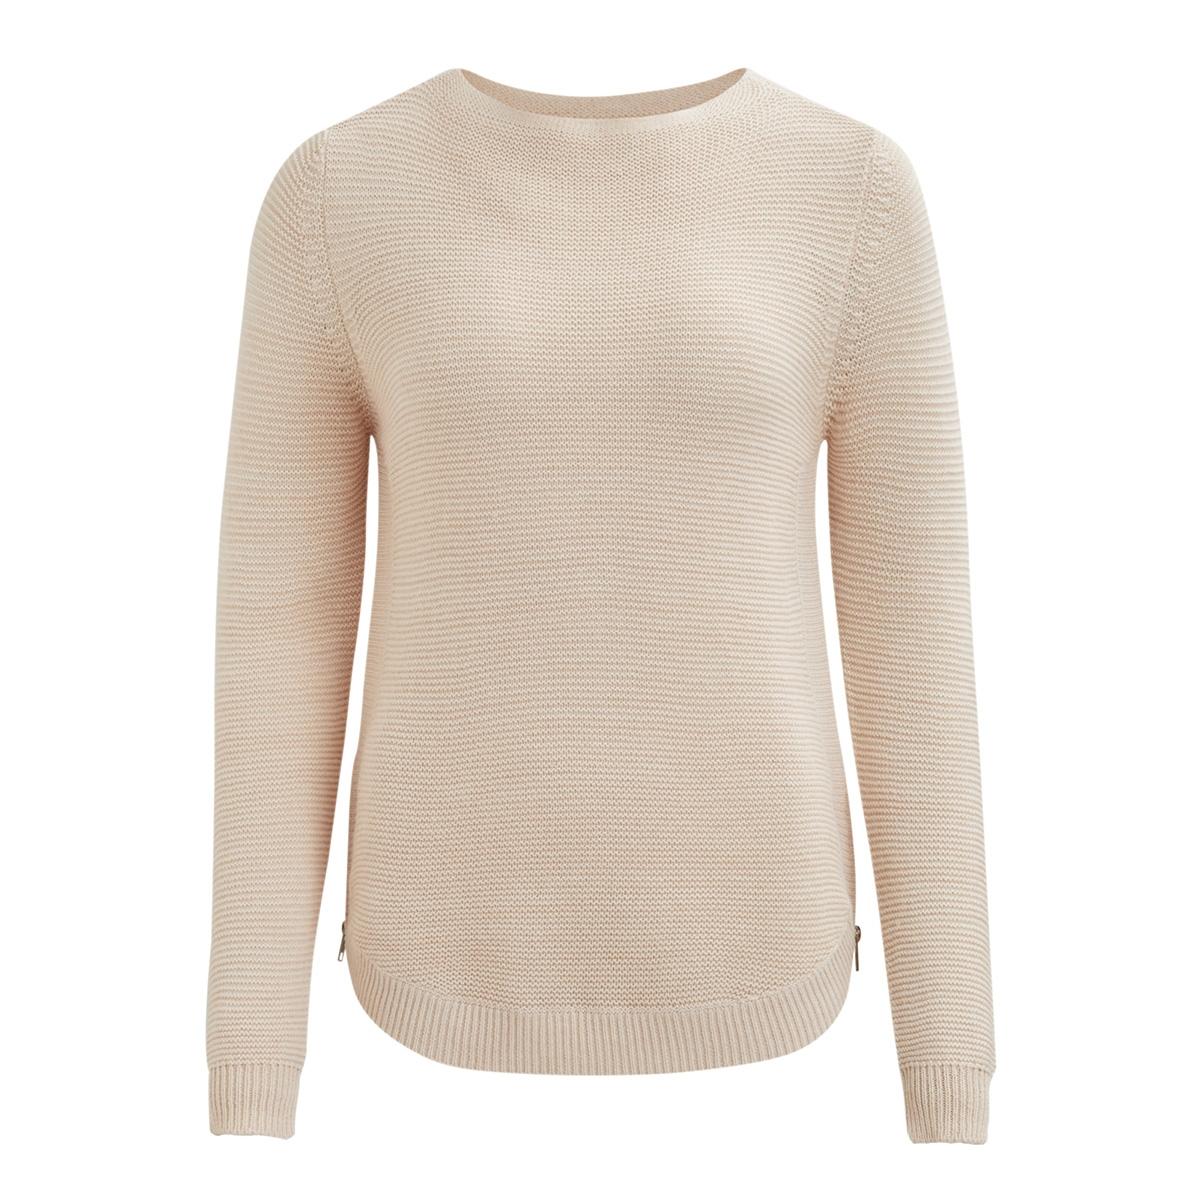 viheri l/s knit top/pb 14044337 vila trui peach blush/and cloud